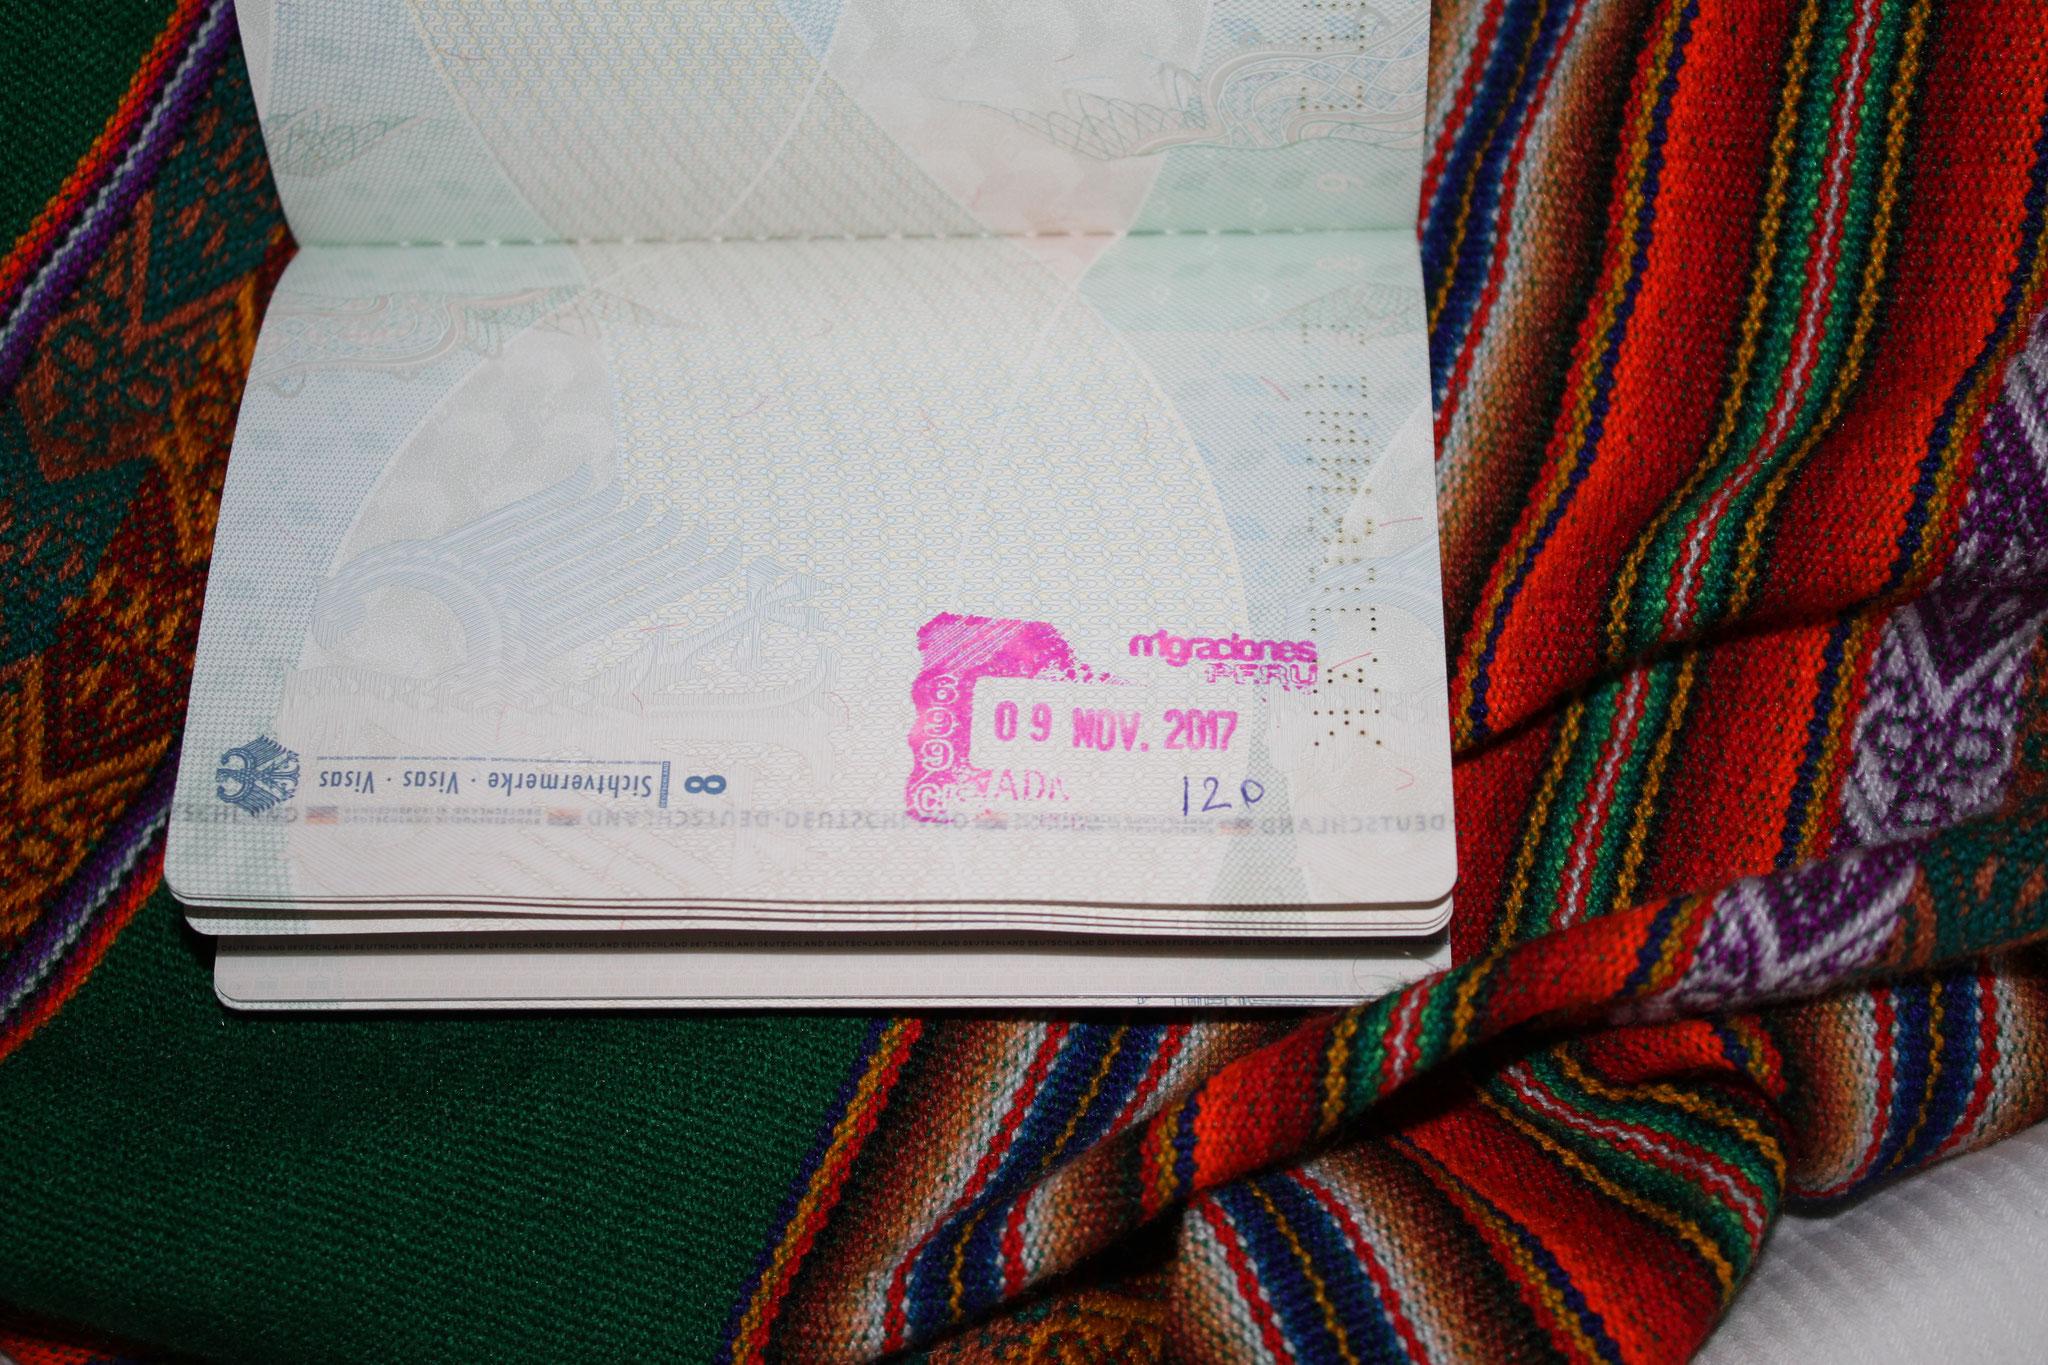 Der dafür zuständige Peruaner war sehr einsichtig und ließ sich überzeugen, jedem von uns 120 Tage zu geben. Betty bekam sogar 183 Tage, was ein echt großes Geschenk ist.